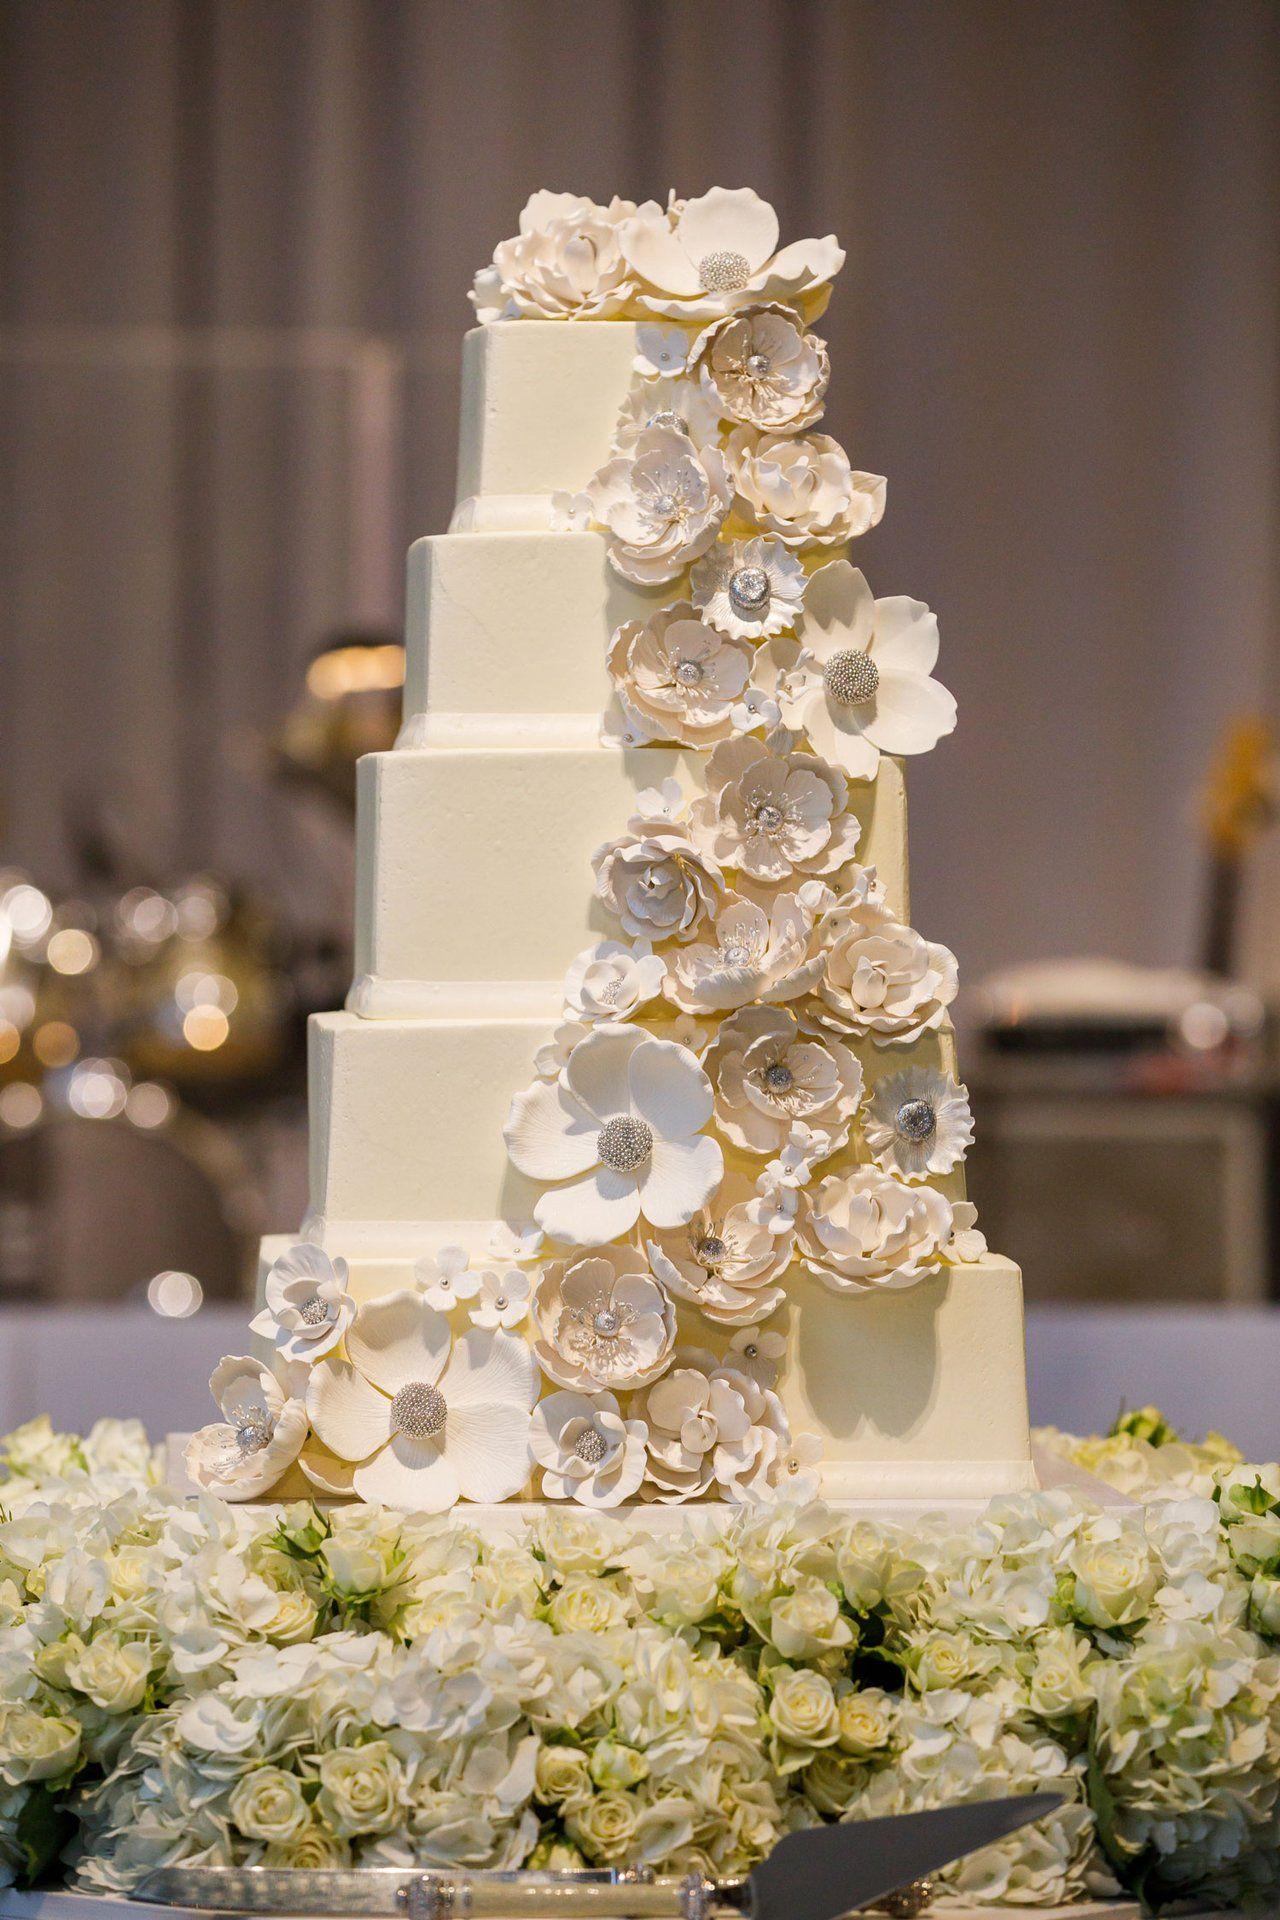 Pin On Cake 5 Tier Wedding Cakes